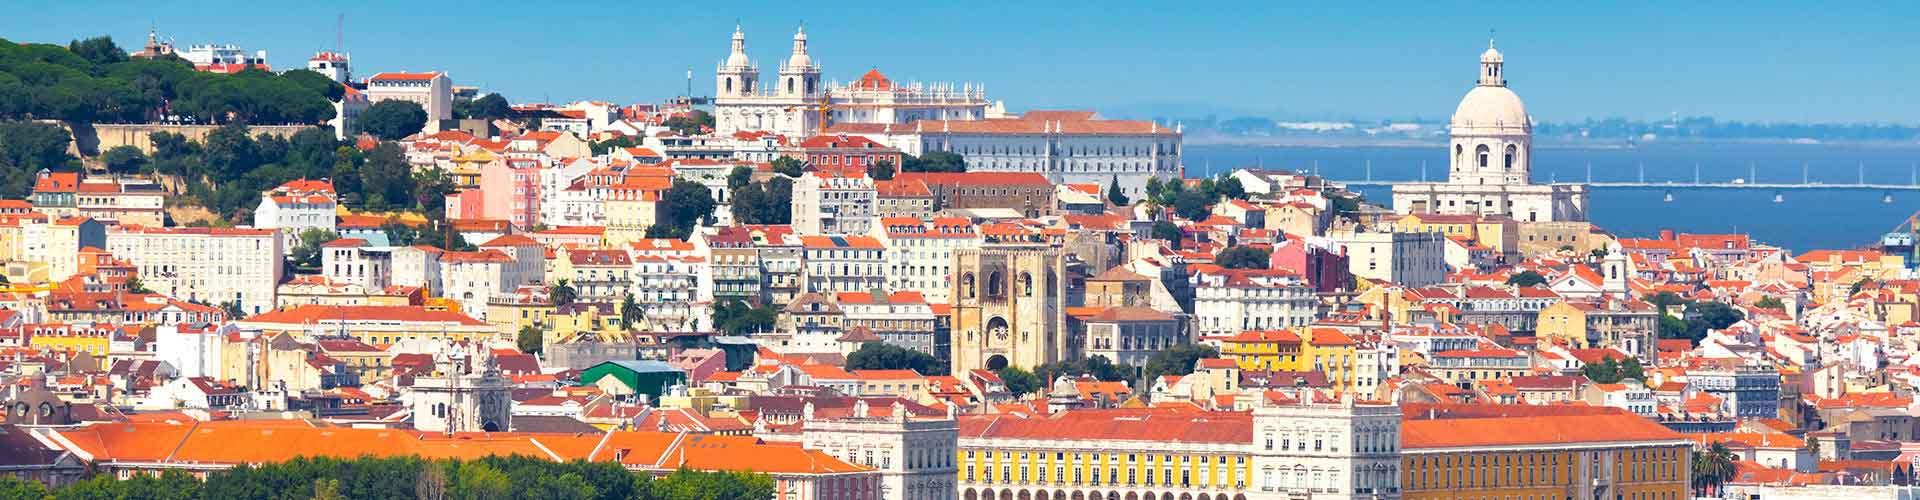 Lisabon - Hostelů v Lisabon. Mapy pro Lisabon, fotky a recenze pro každý hostel v Lisabon.